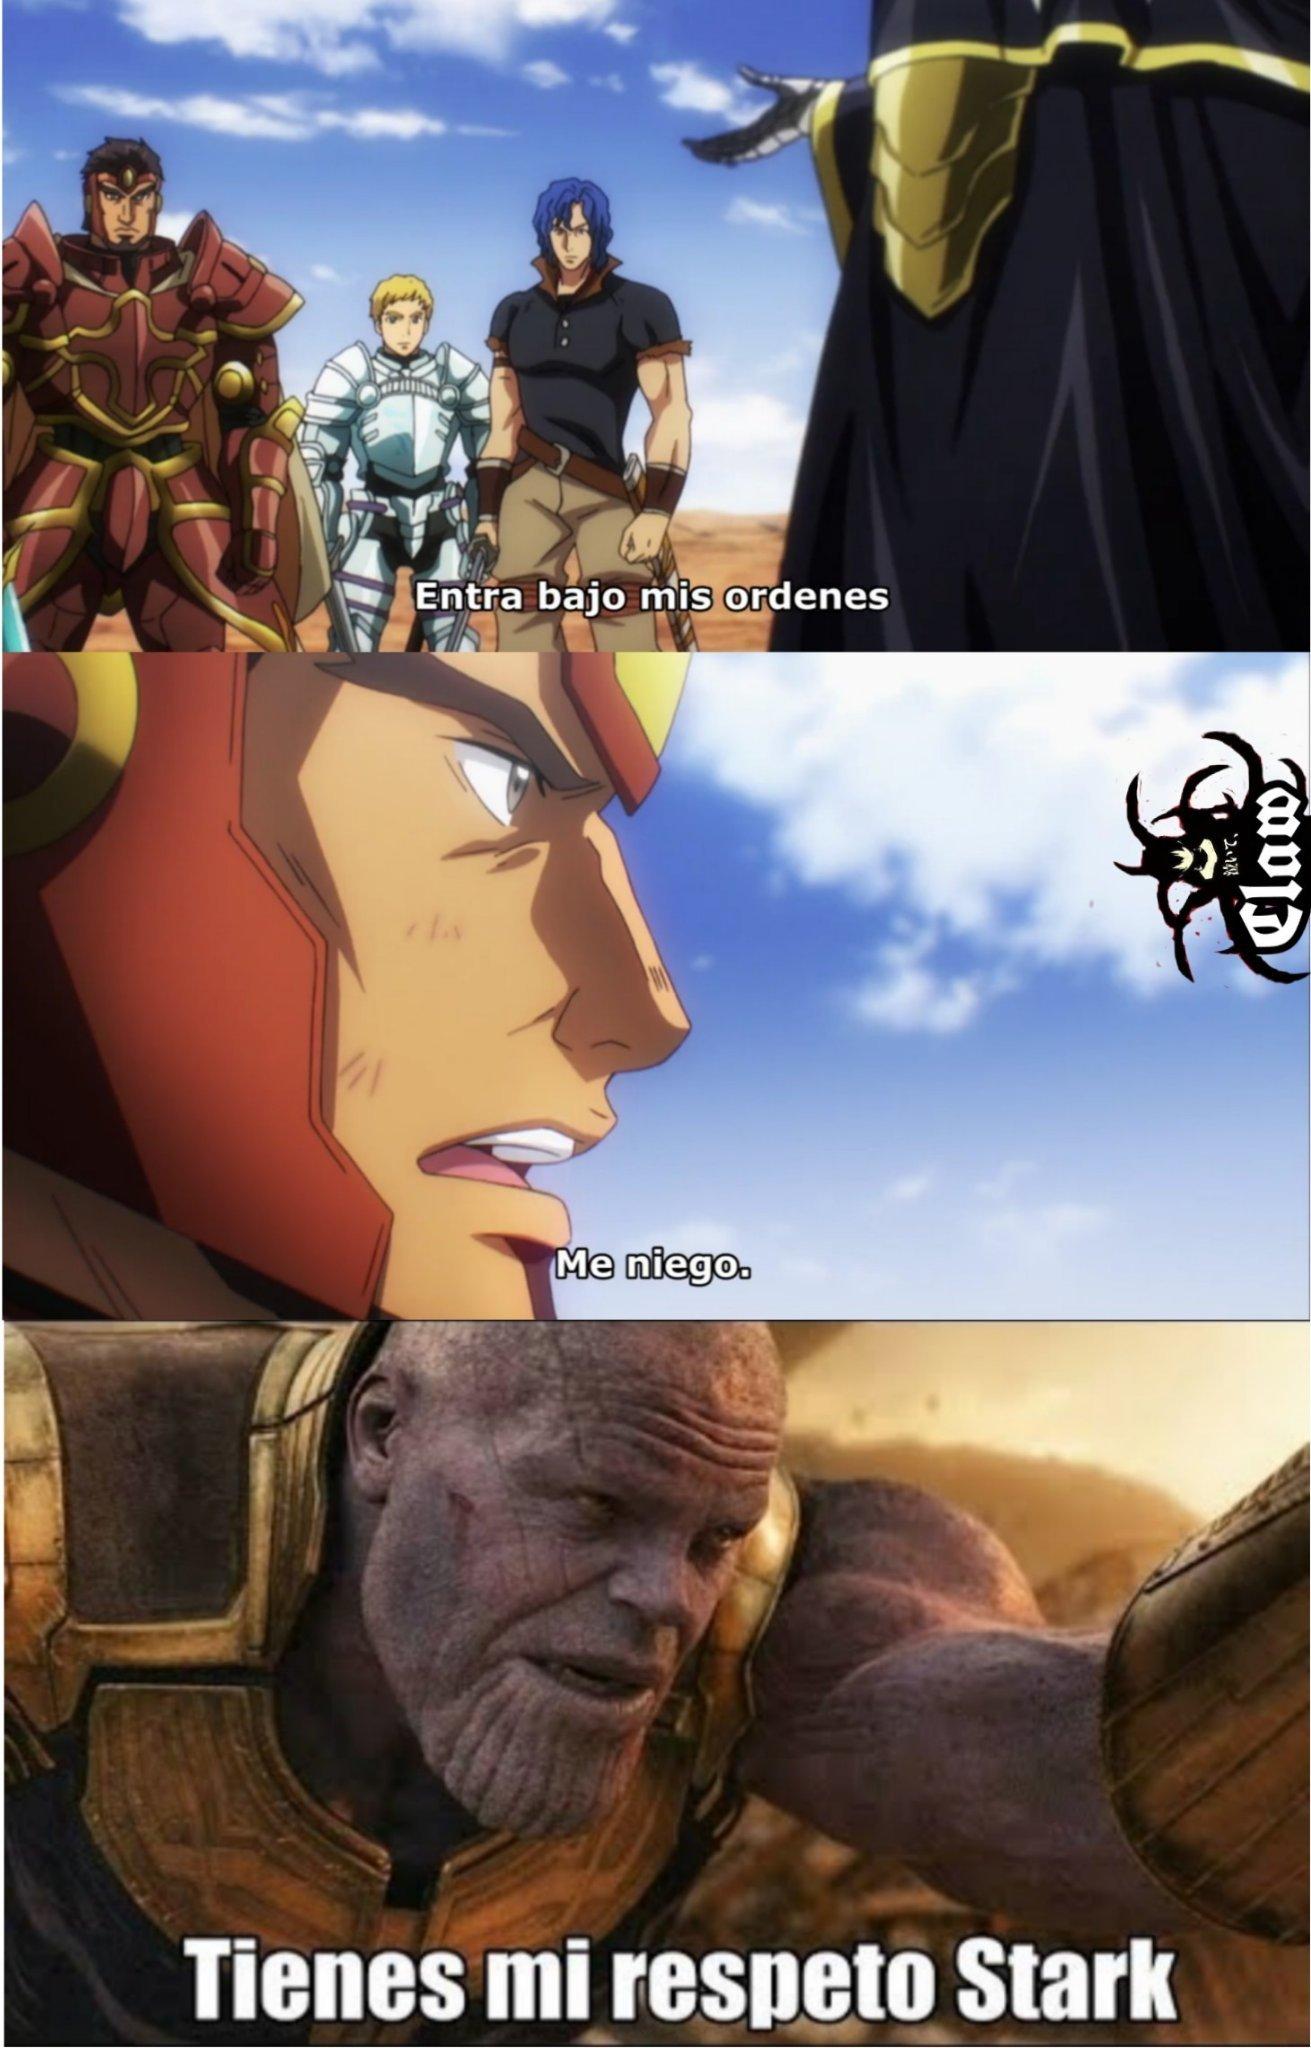 Ains-sama rey mago - meme